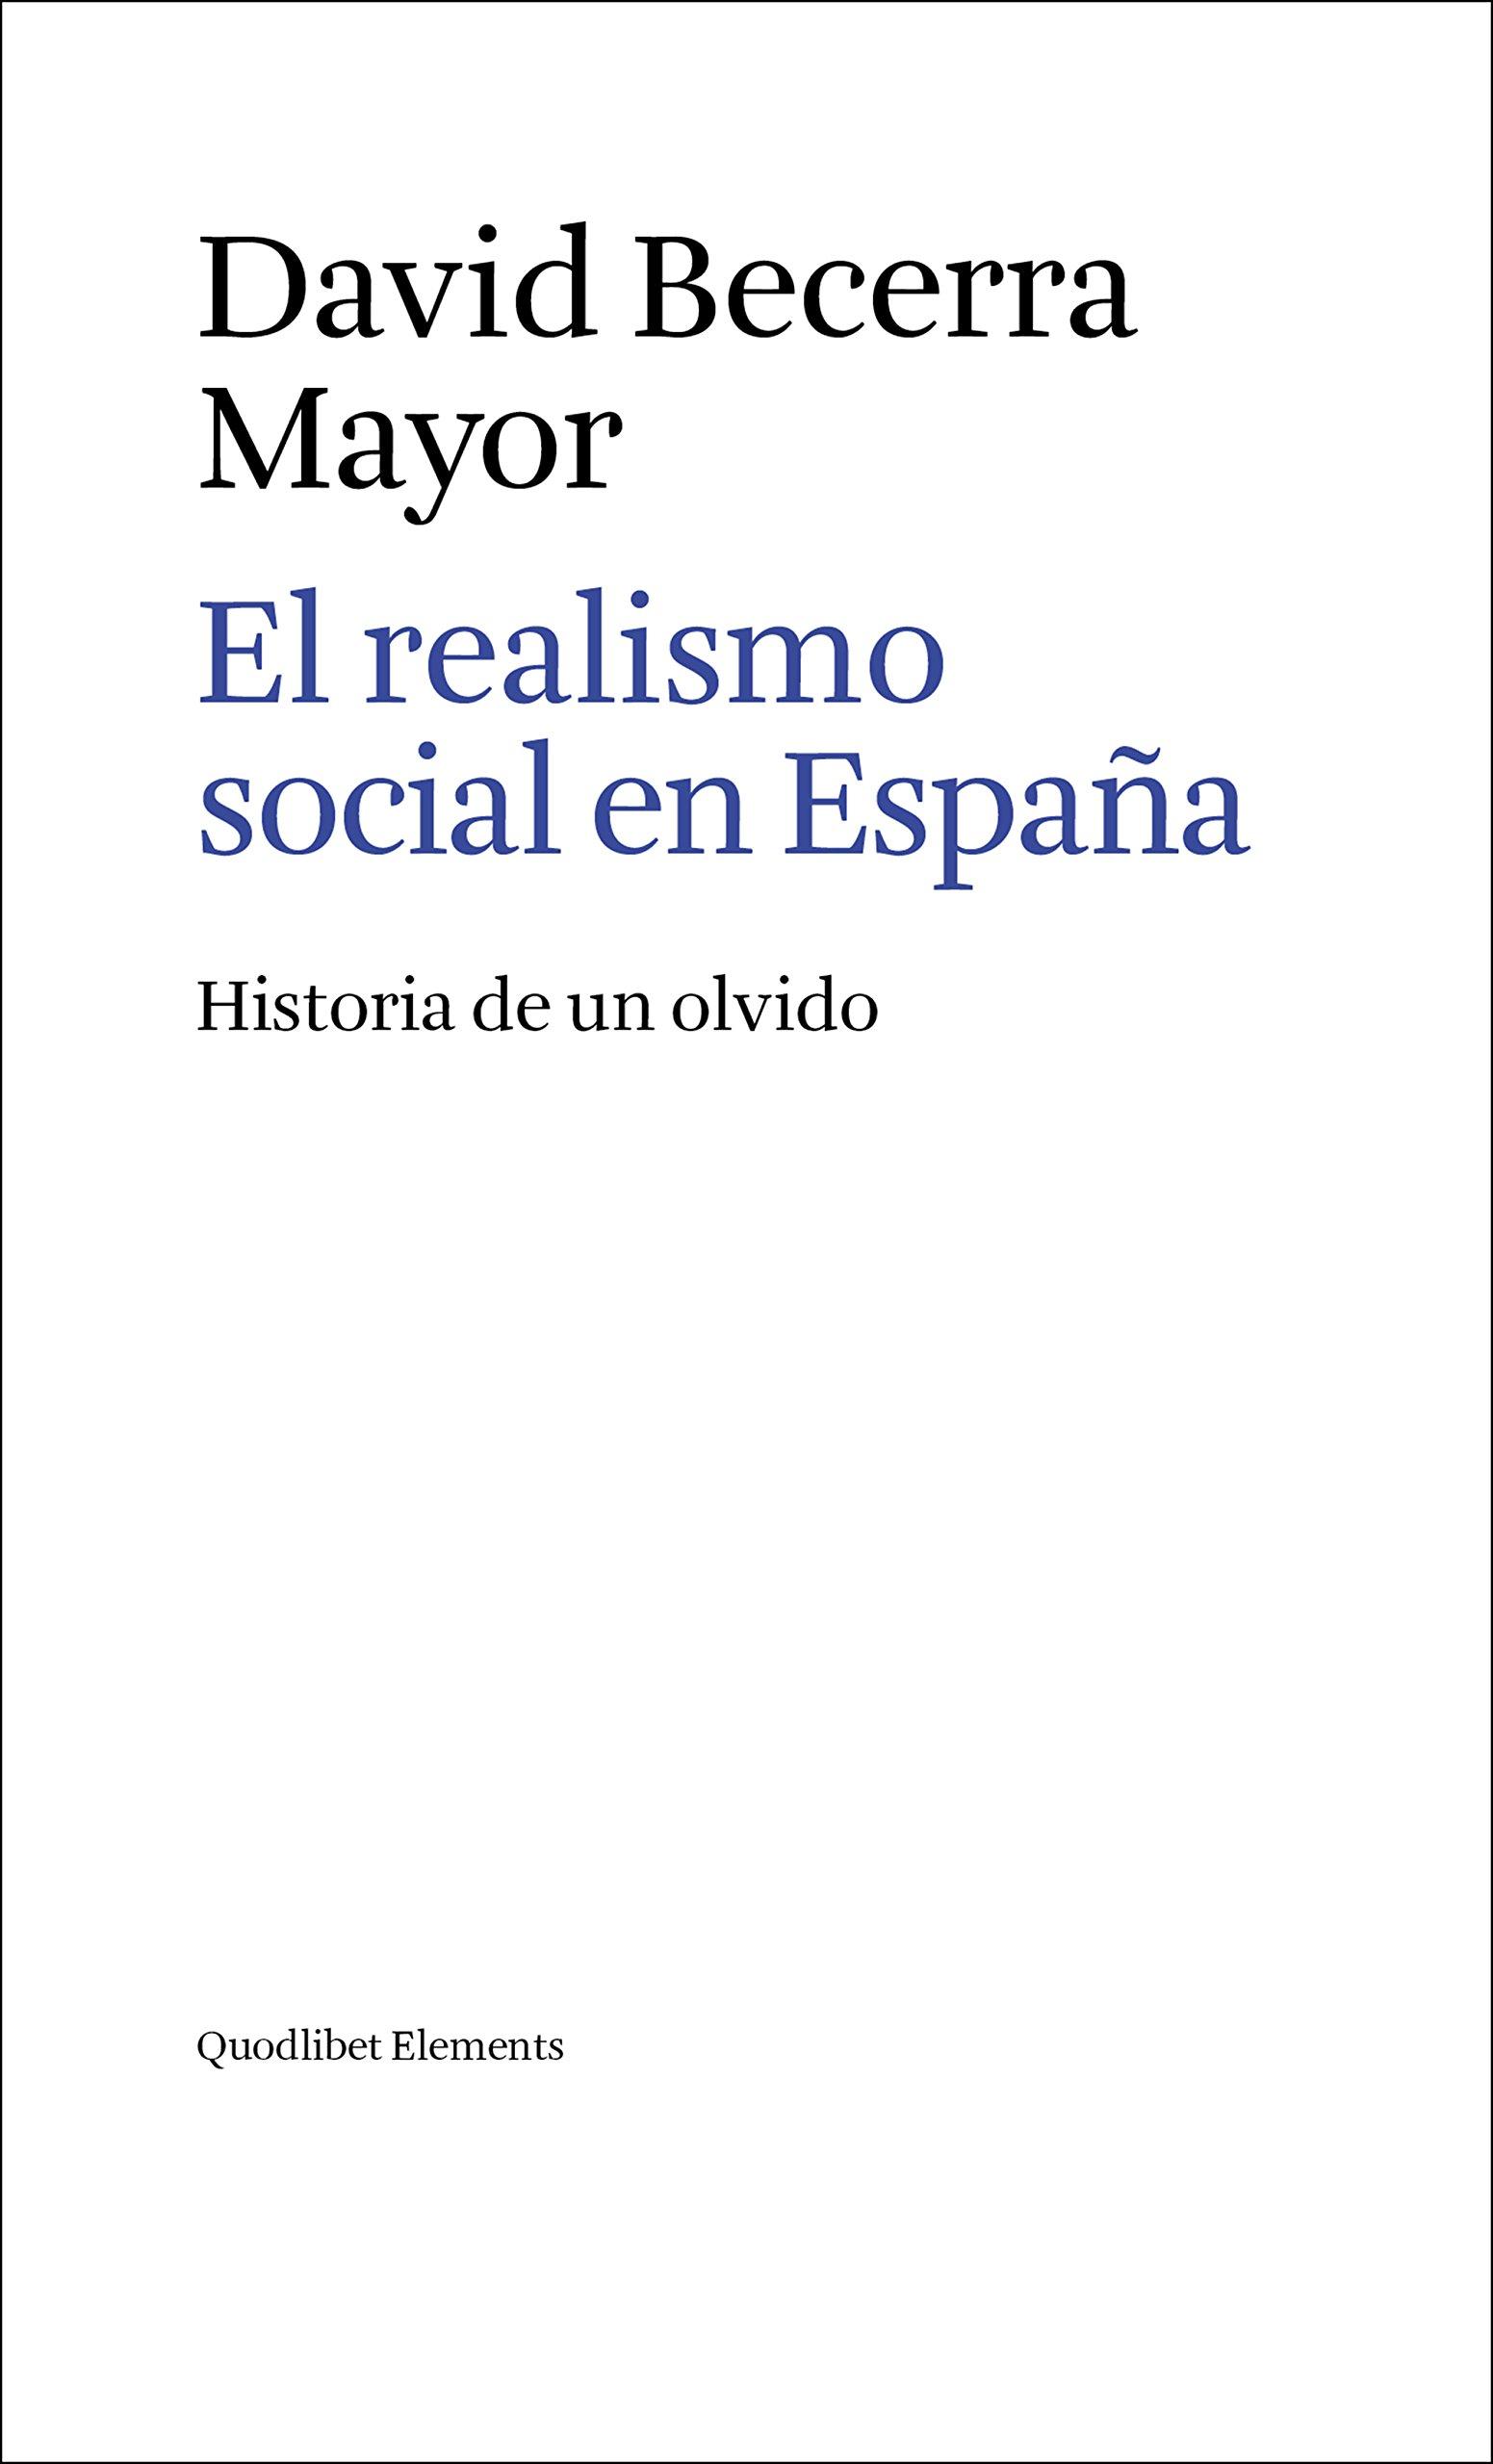 El realismo social en España. Historia de un olvido: Amazon.es: Becerra Mayor, David: Libros